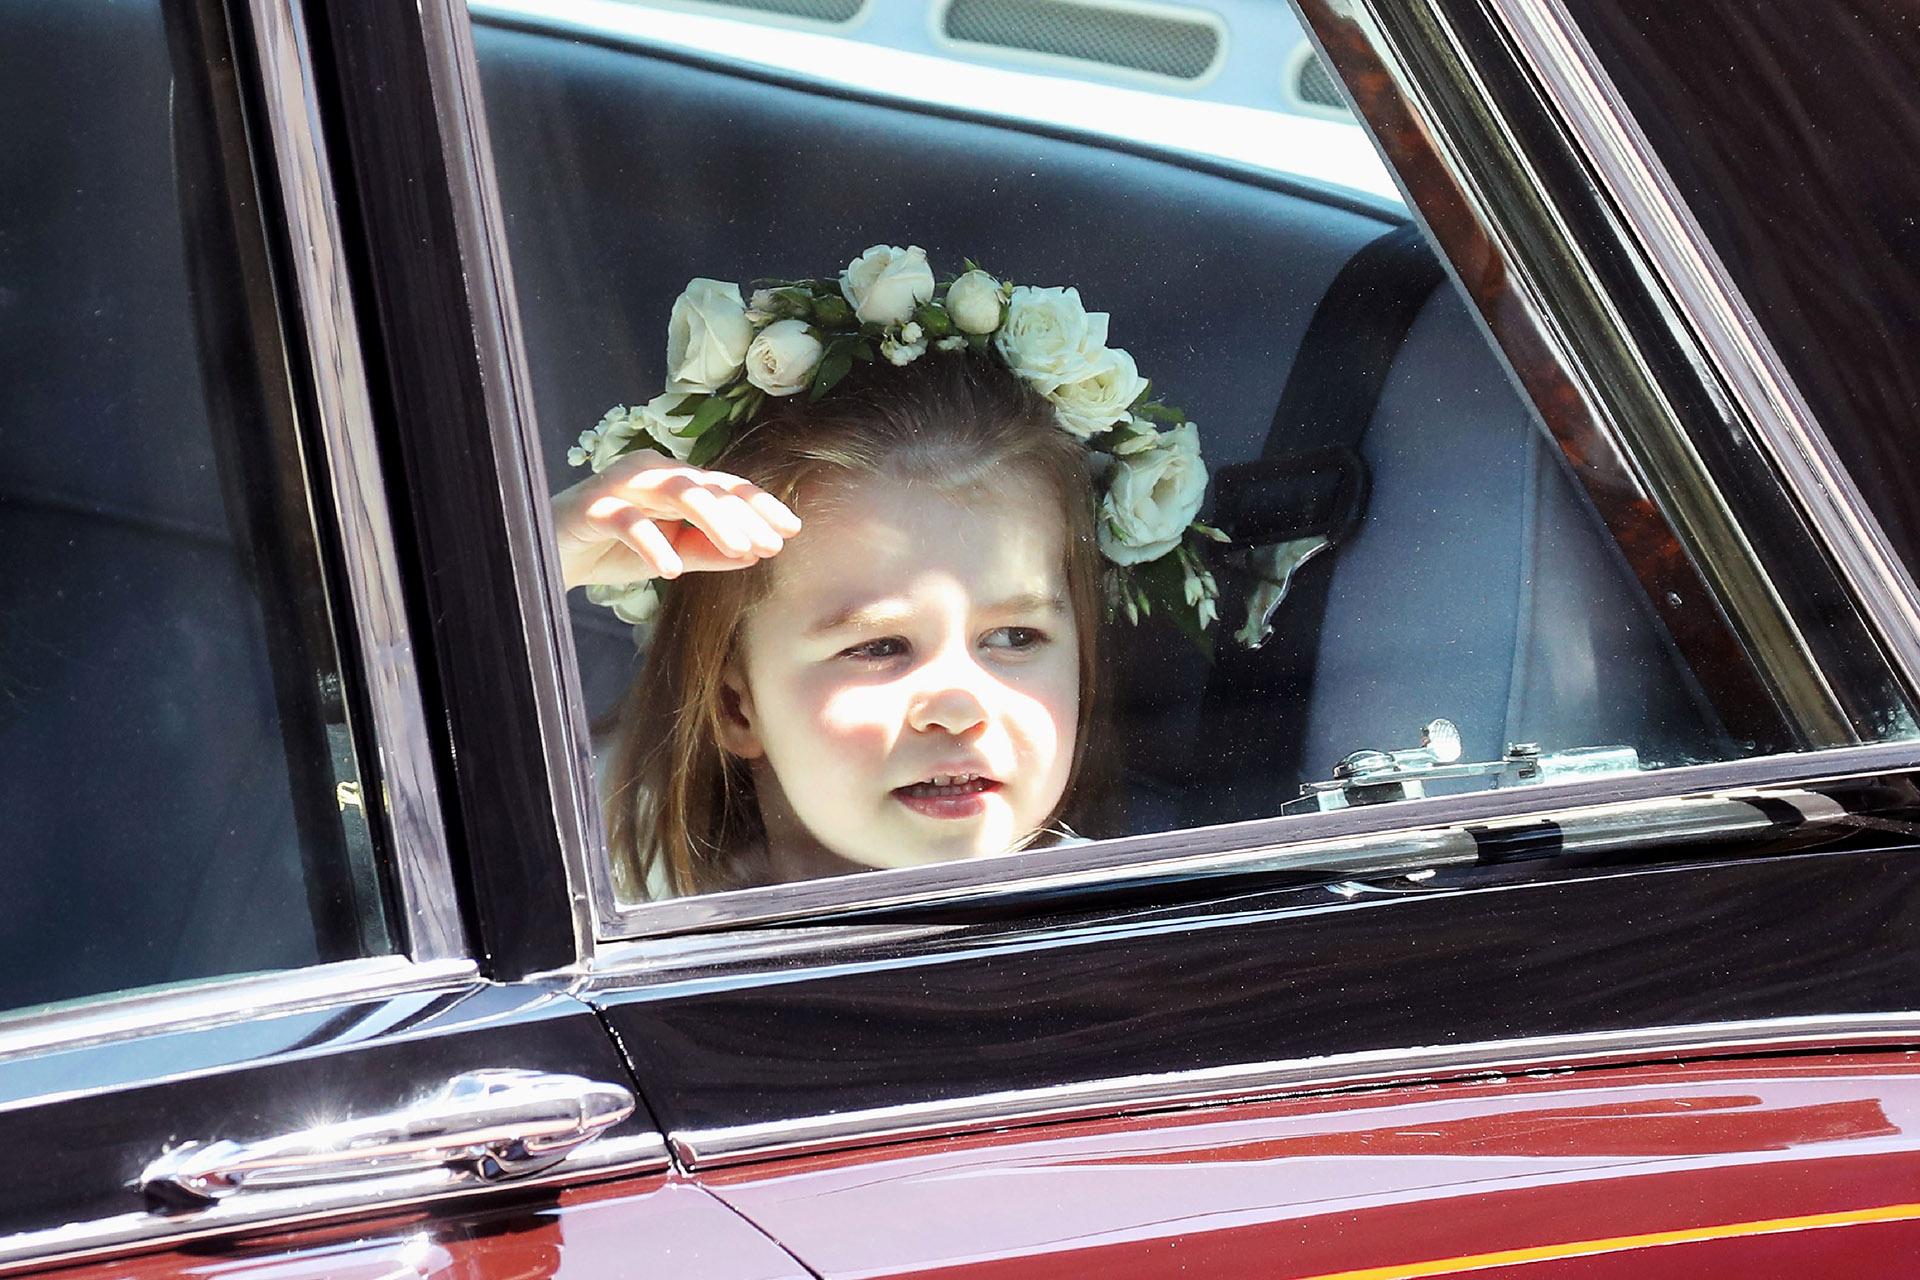 La sobrina del príncipe Harry y dama de honor, Charlotte -hija de William y Kate Middleton- saluda a la gente que espera fuera de la capilla (AFP / Chris Jackson)